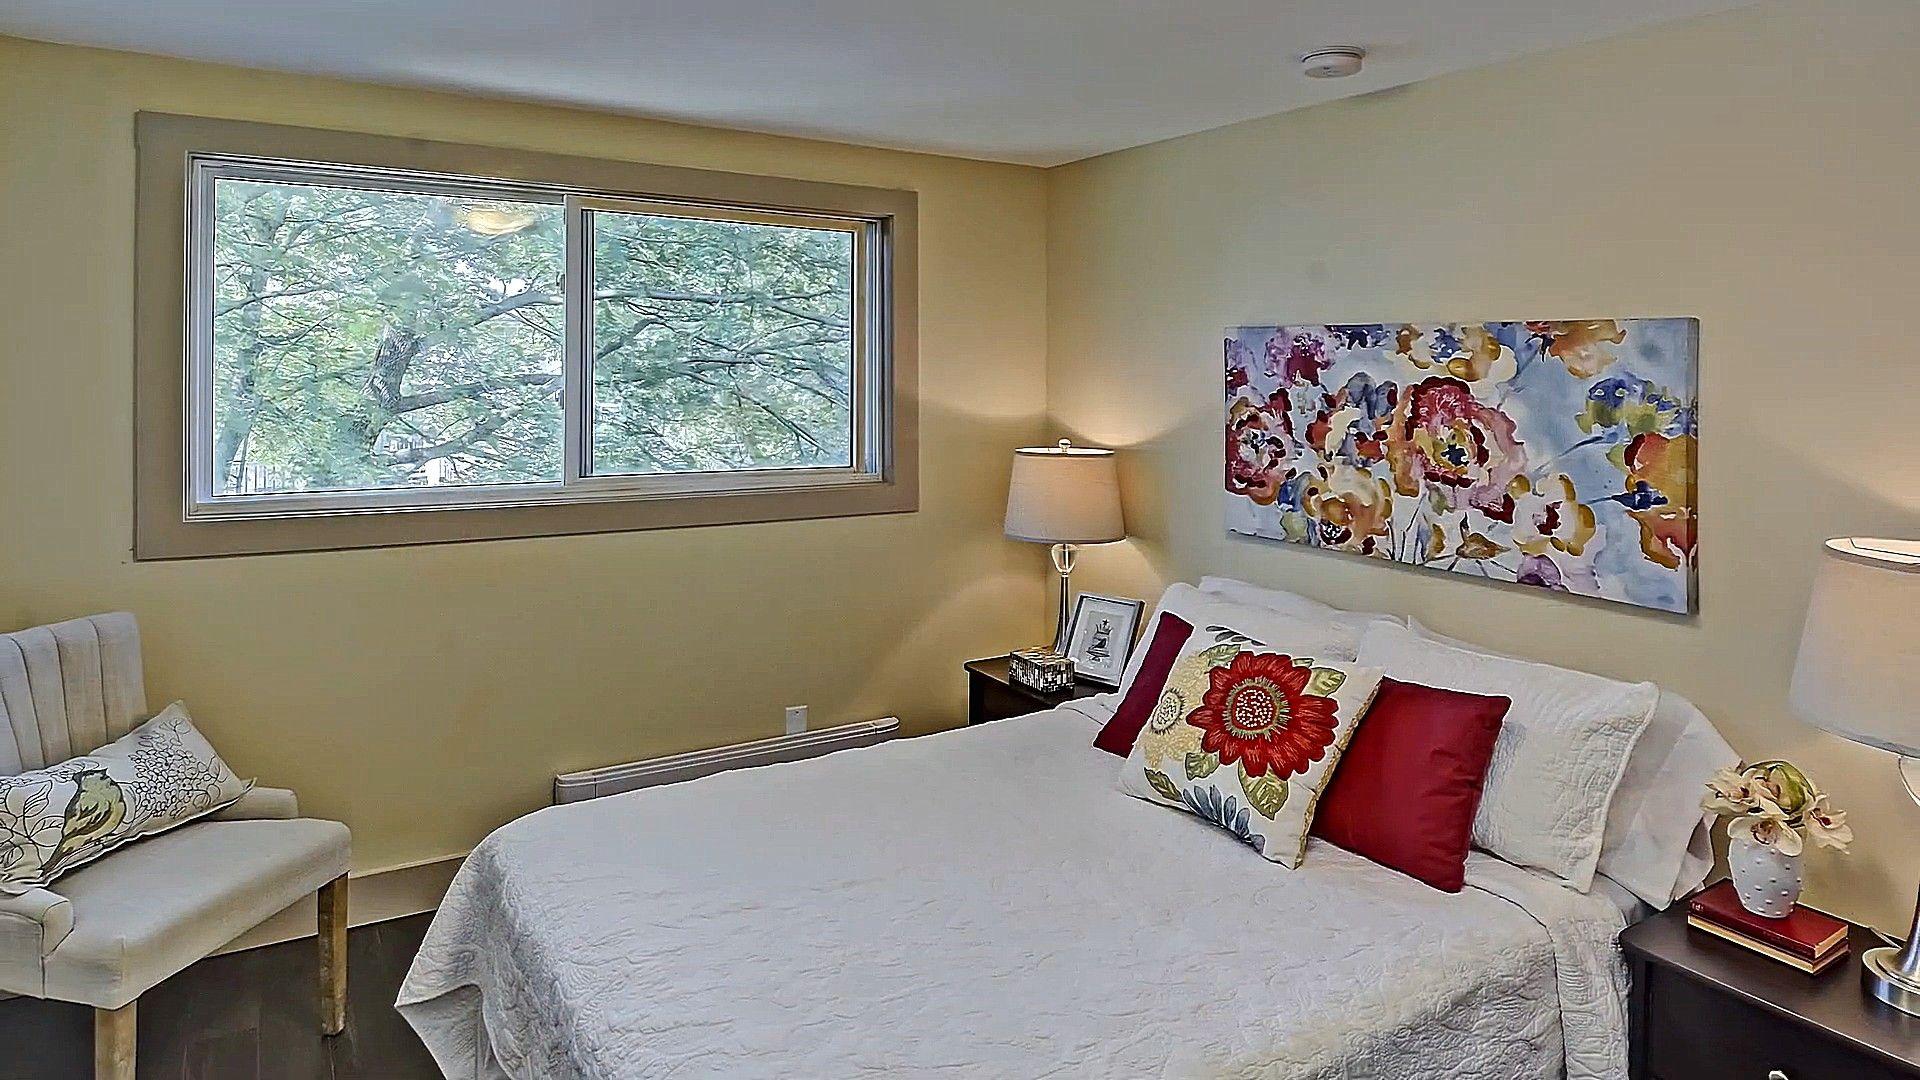 Schlafzimmer Ideen Mediterran  Home decor, Decor, Furniture